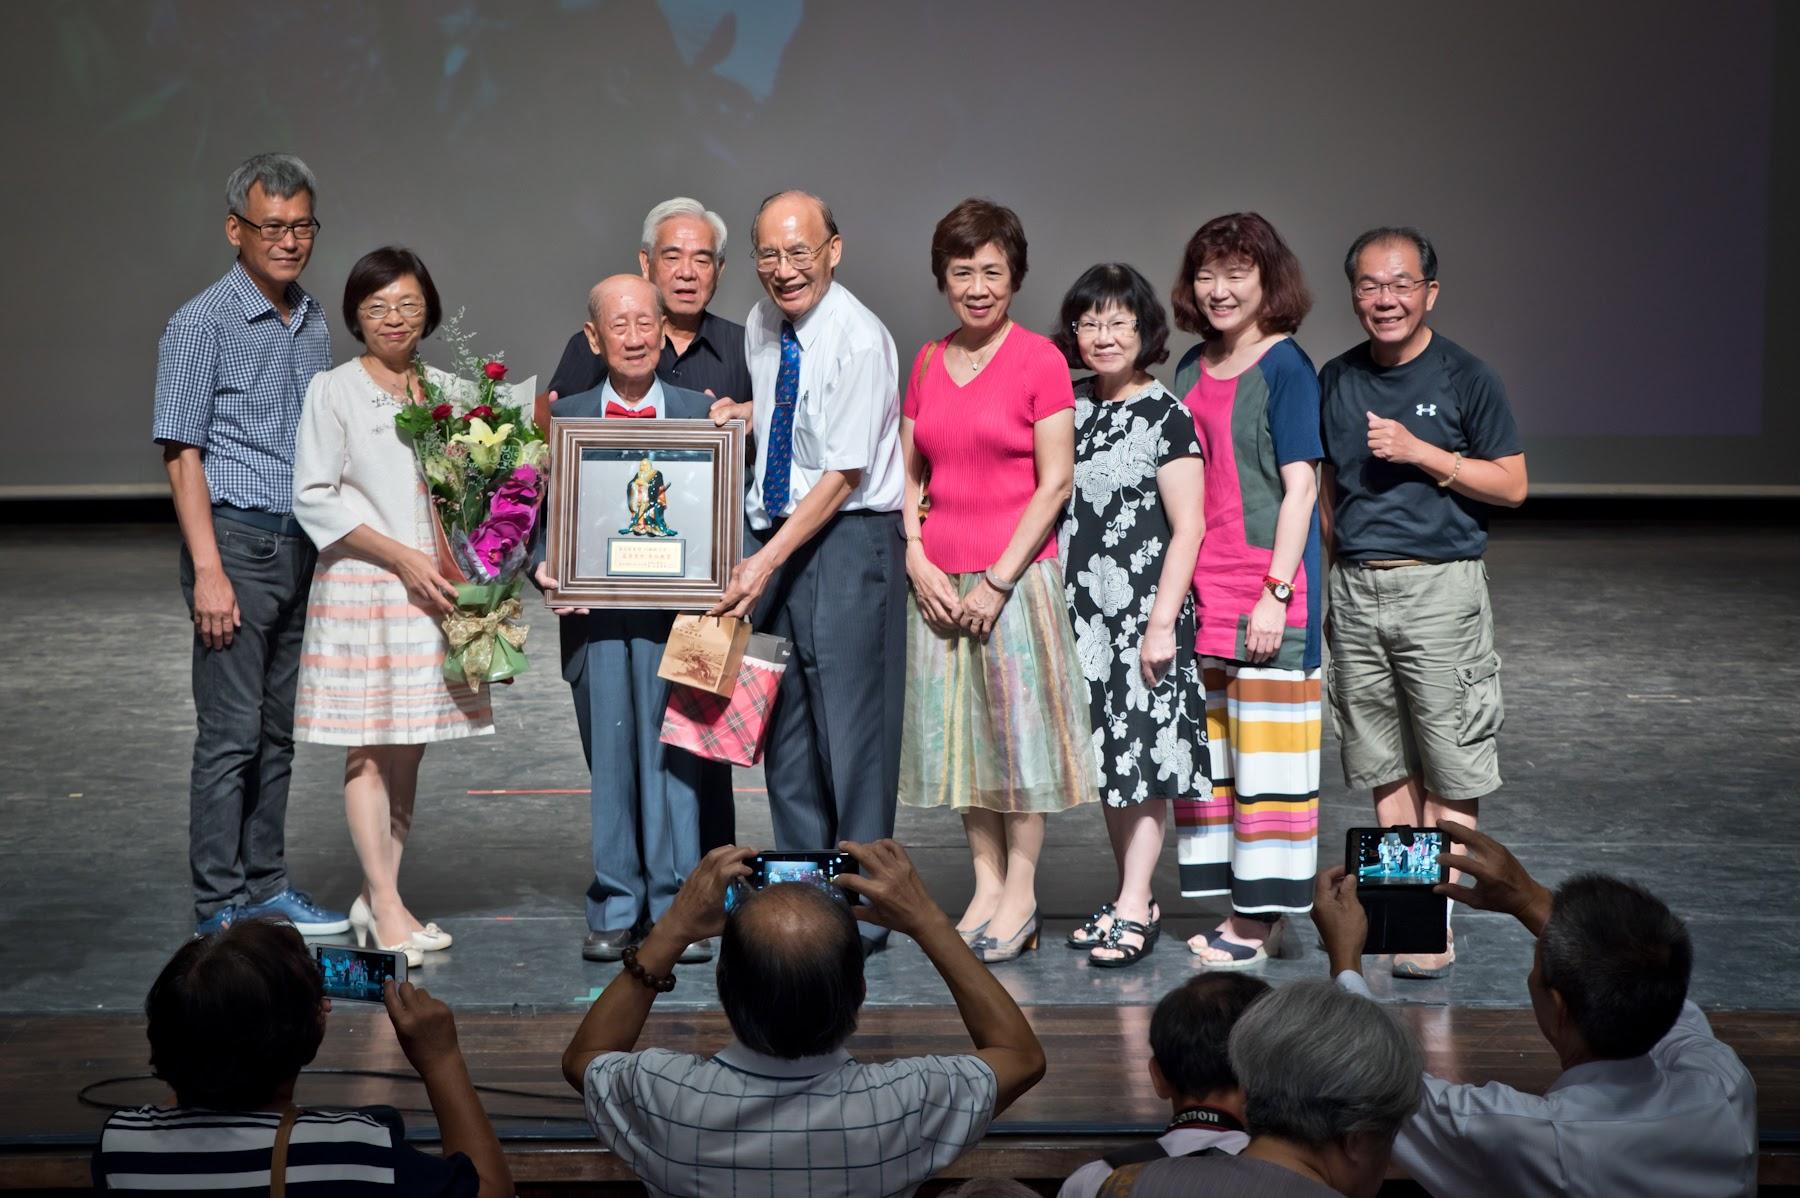 新港讀書會與林芳瑾文教基金會致贈禮物並合照。